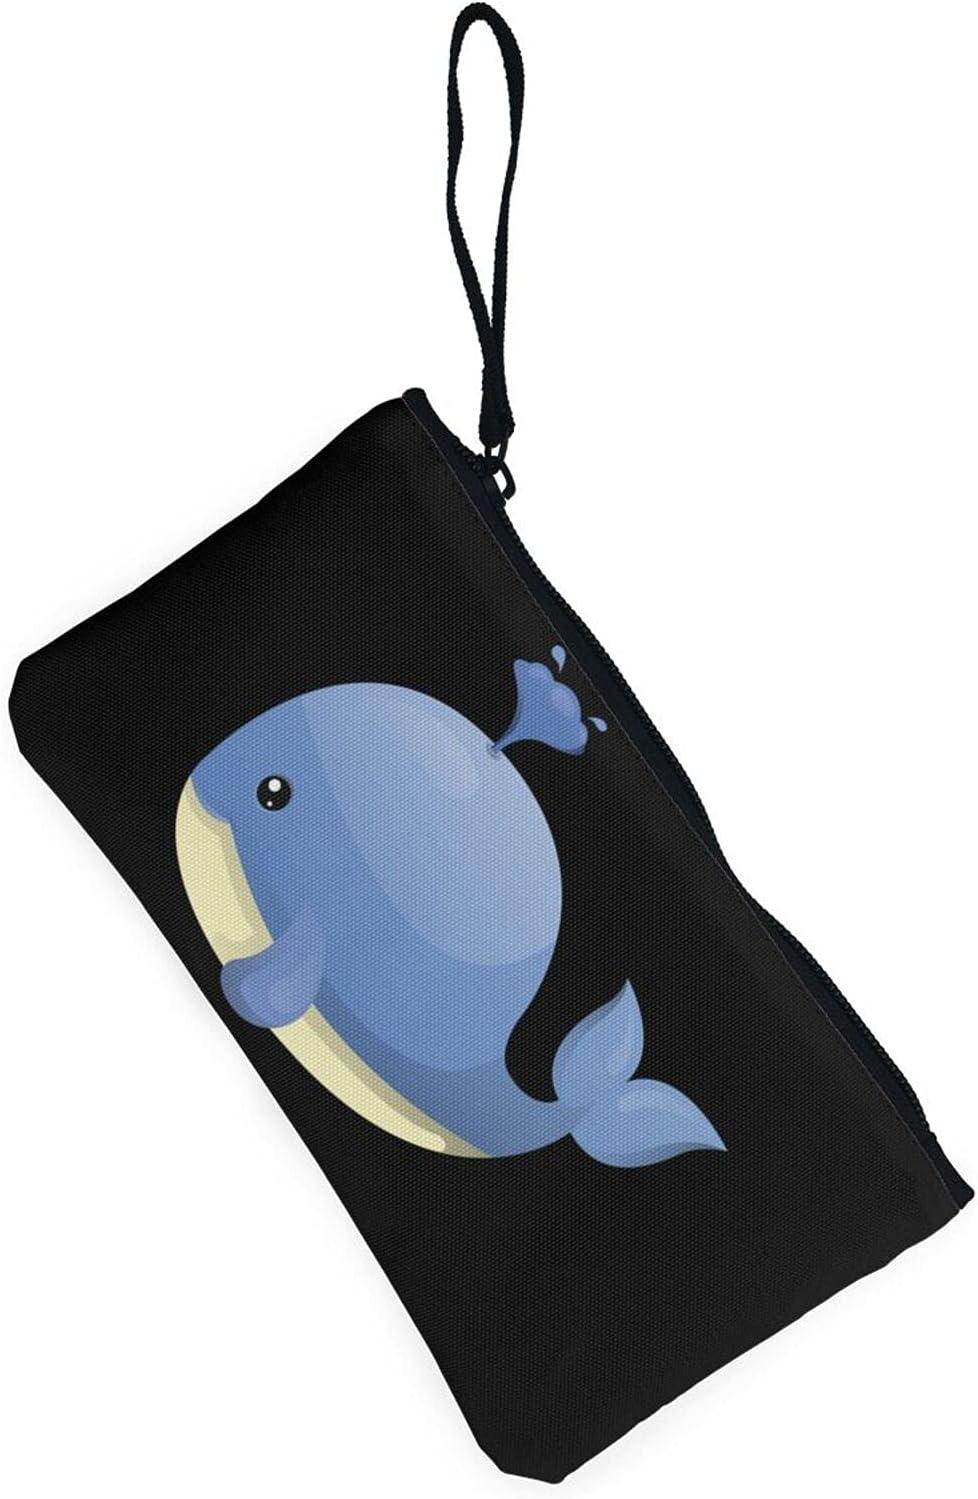 AORRUAM Cartoons Whale Lighthouse Canvas Coin Purse,Canvas Zipper Pencil Cases,Canvas Change Purse Pouch Mini Wallet Coin Bag